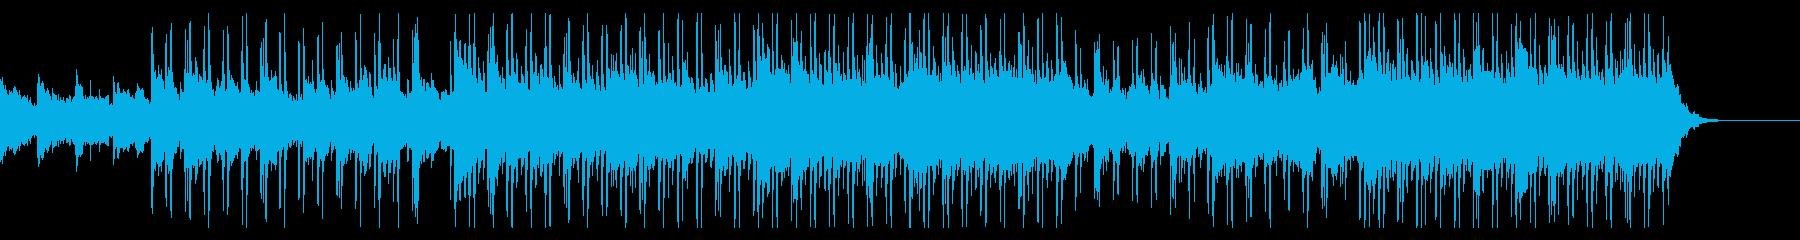 ブレイクビーツ アンビエント エー...の再生済みの波形